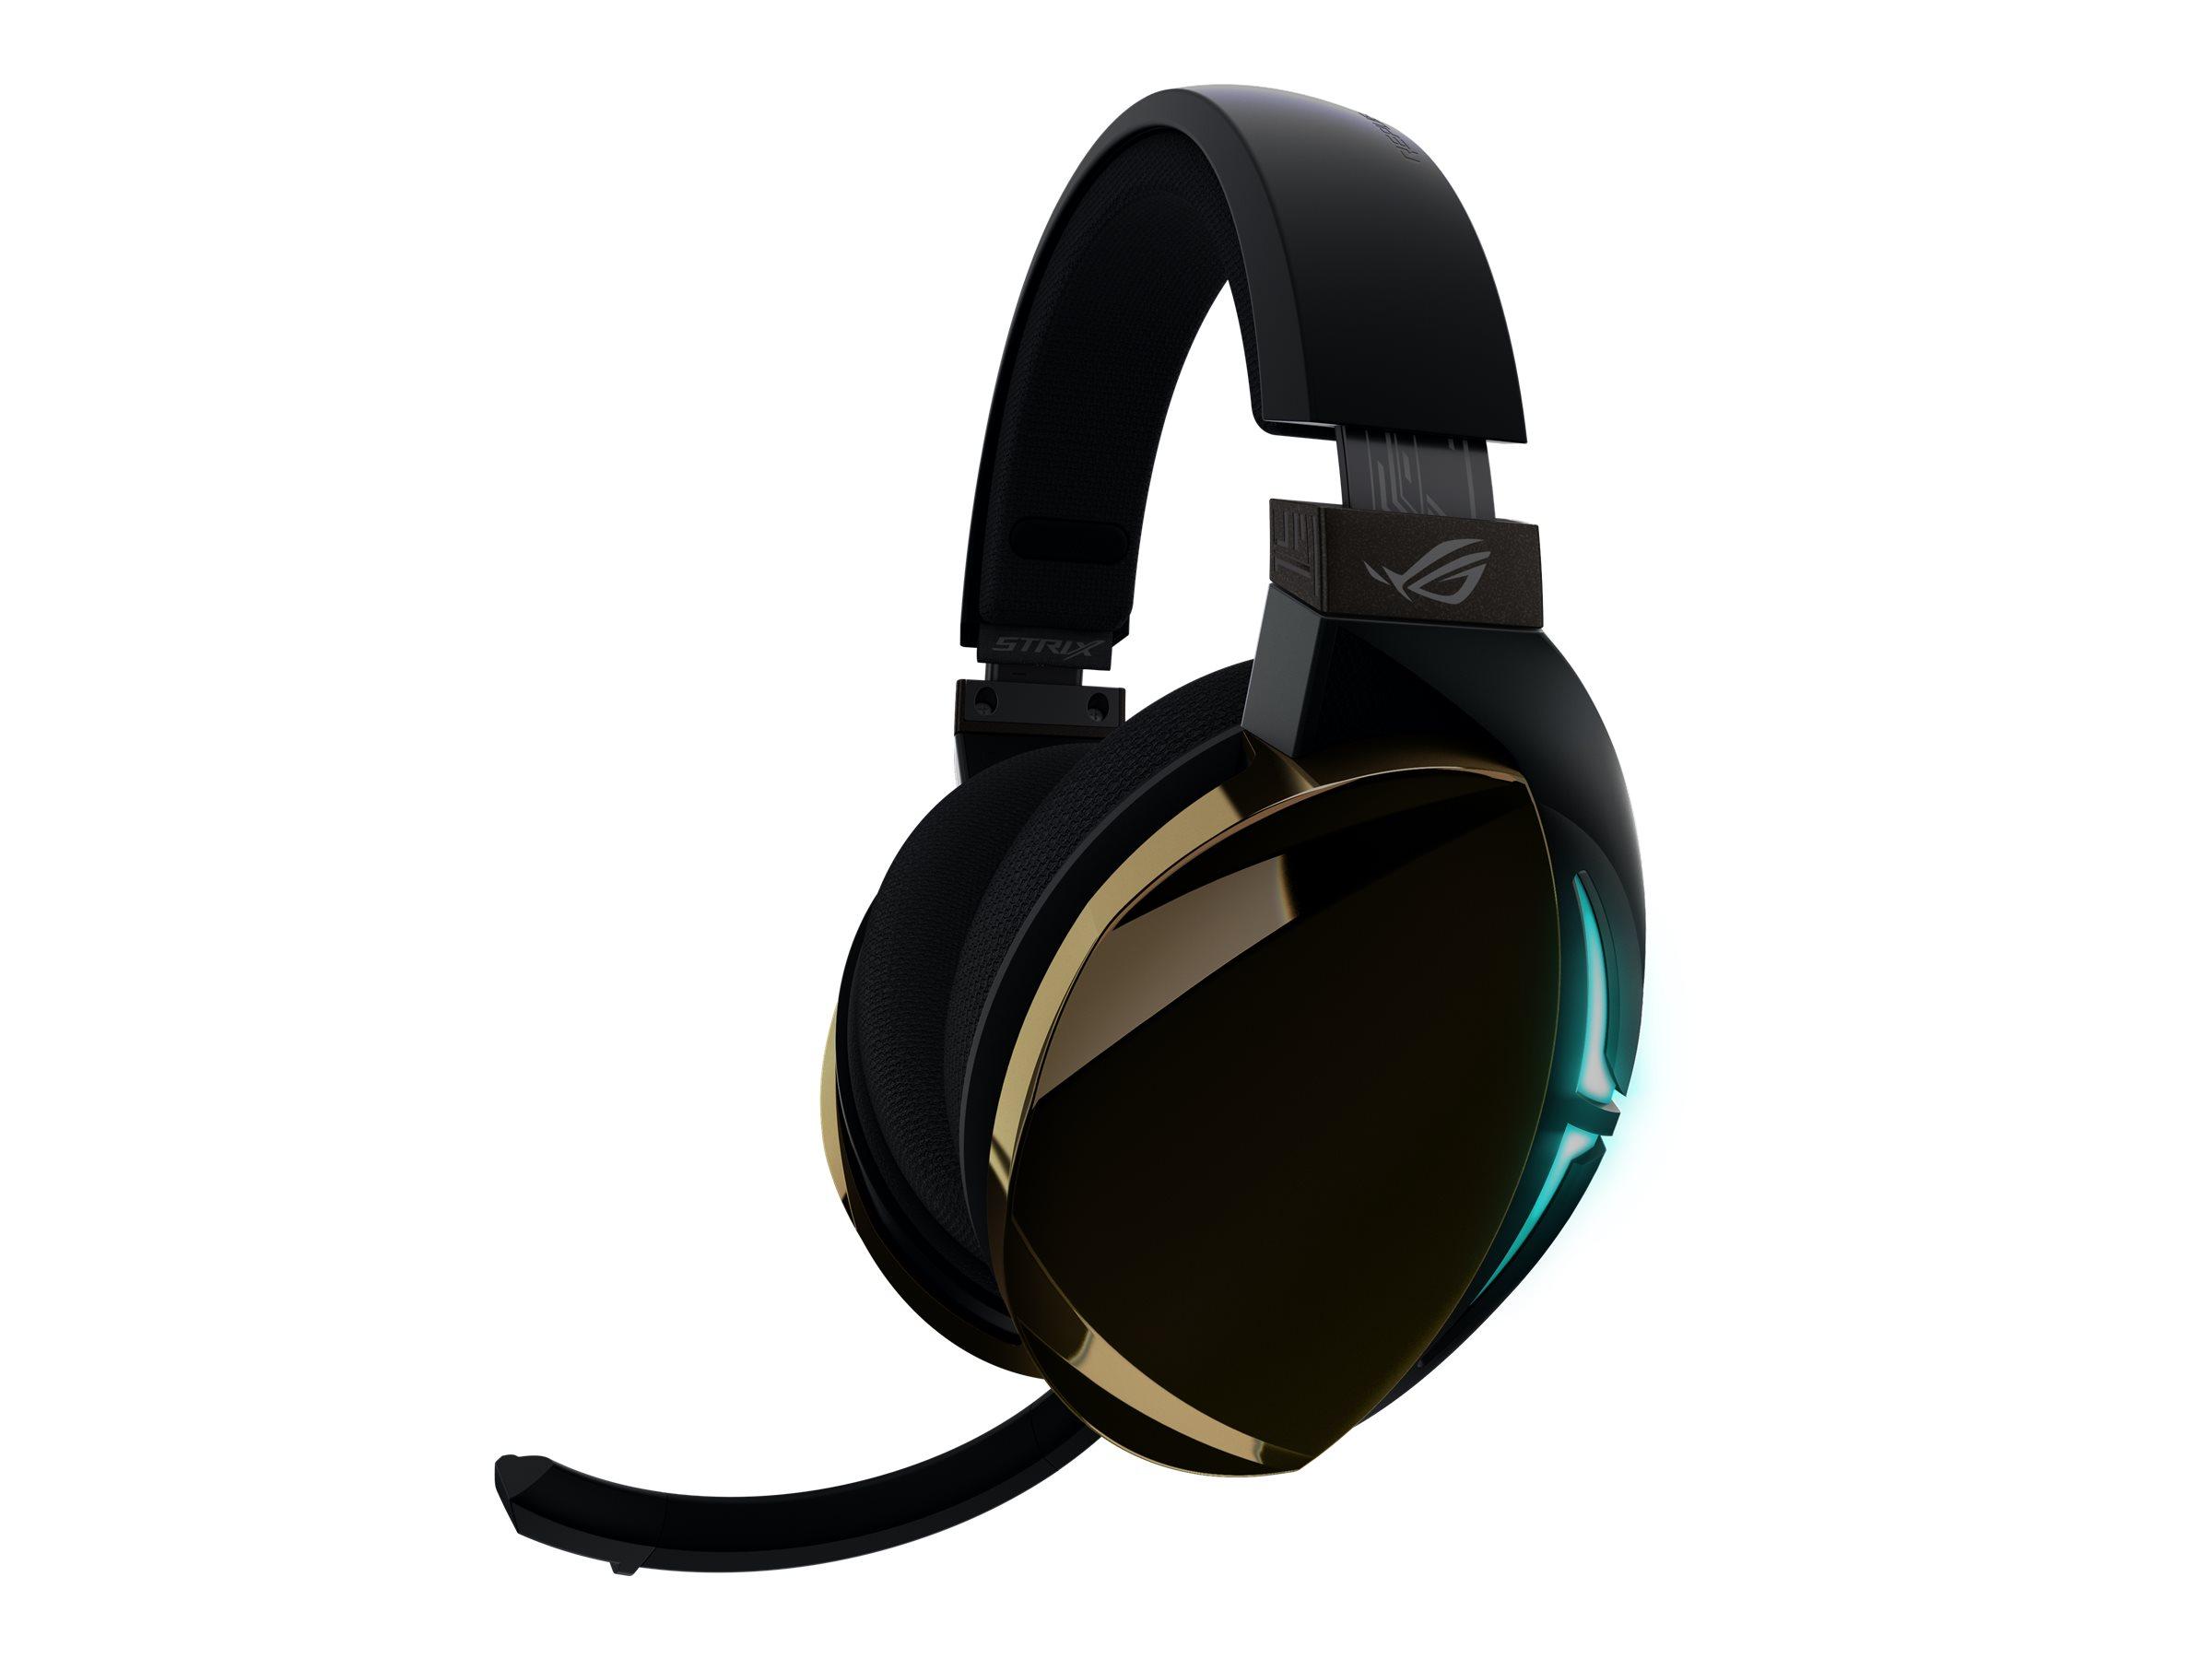 ASUS ROG Strix Fusion 500 - Headset - ohrumschliessend - kabelgebunden - USB - für Sony PlayStation 4, Sony PlayStation 4 Pro, S